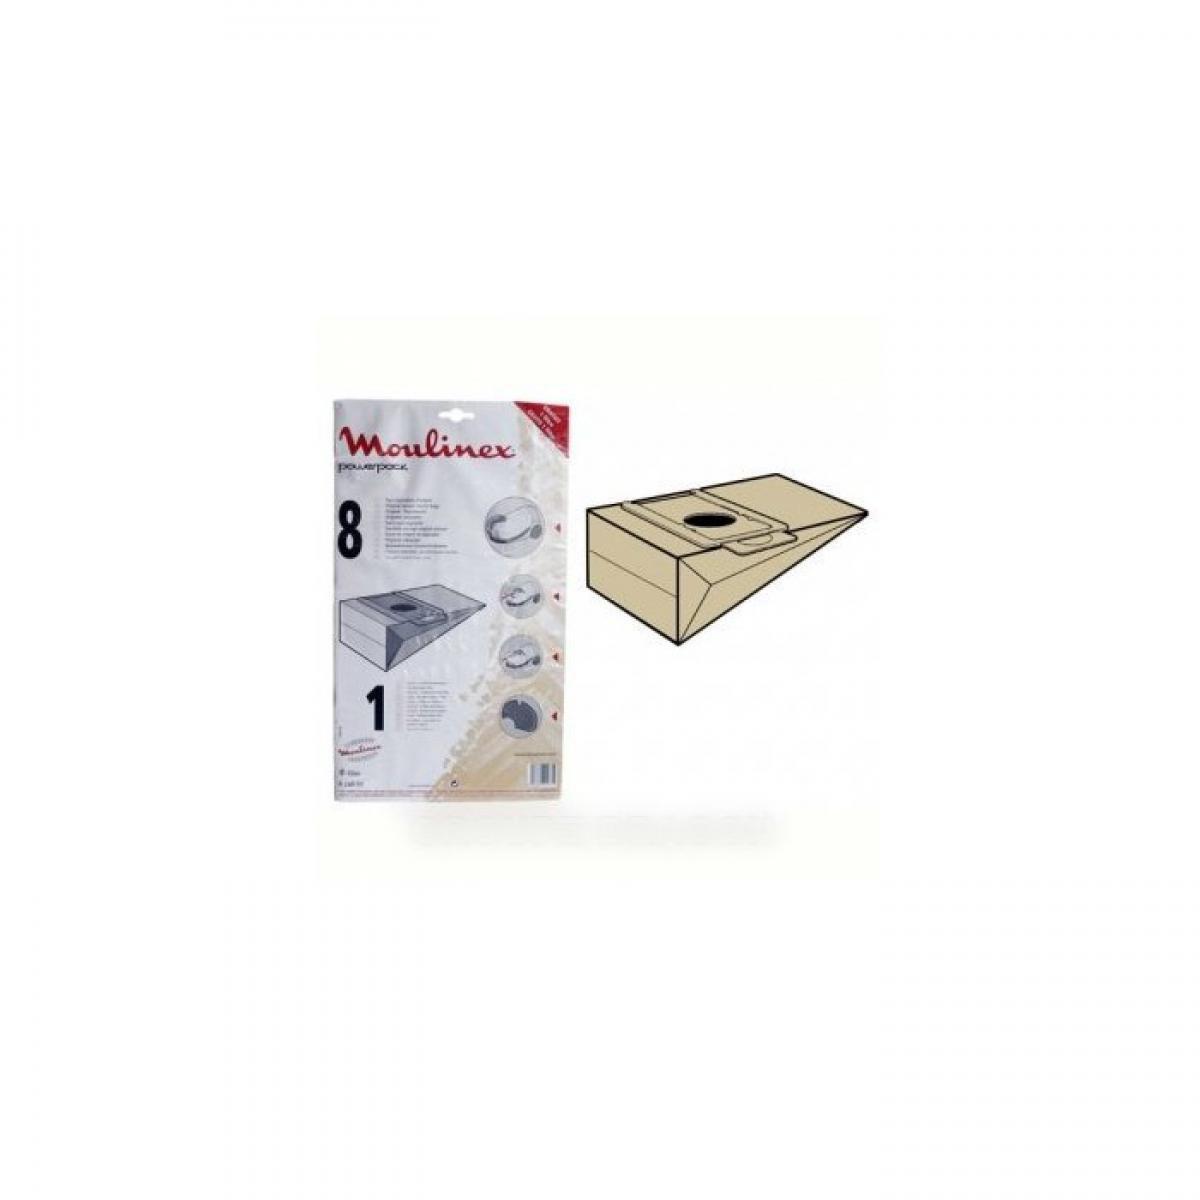 Moulinex Sachet de sacs powerpack (x6) pour aspirateur moulinex